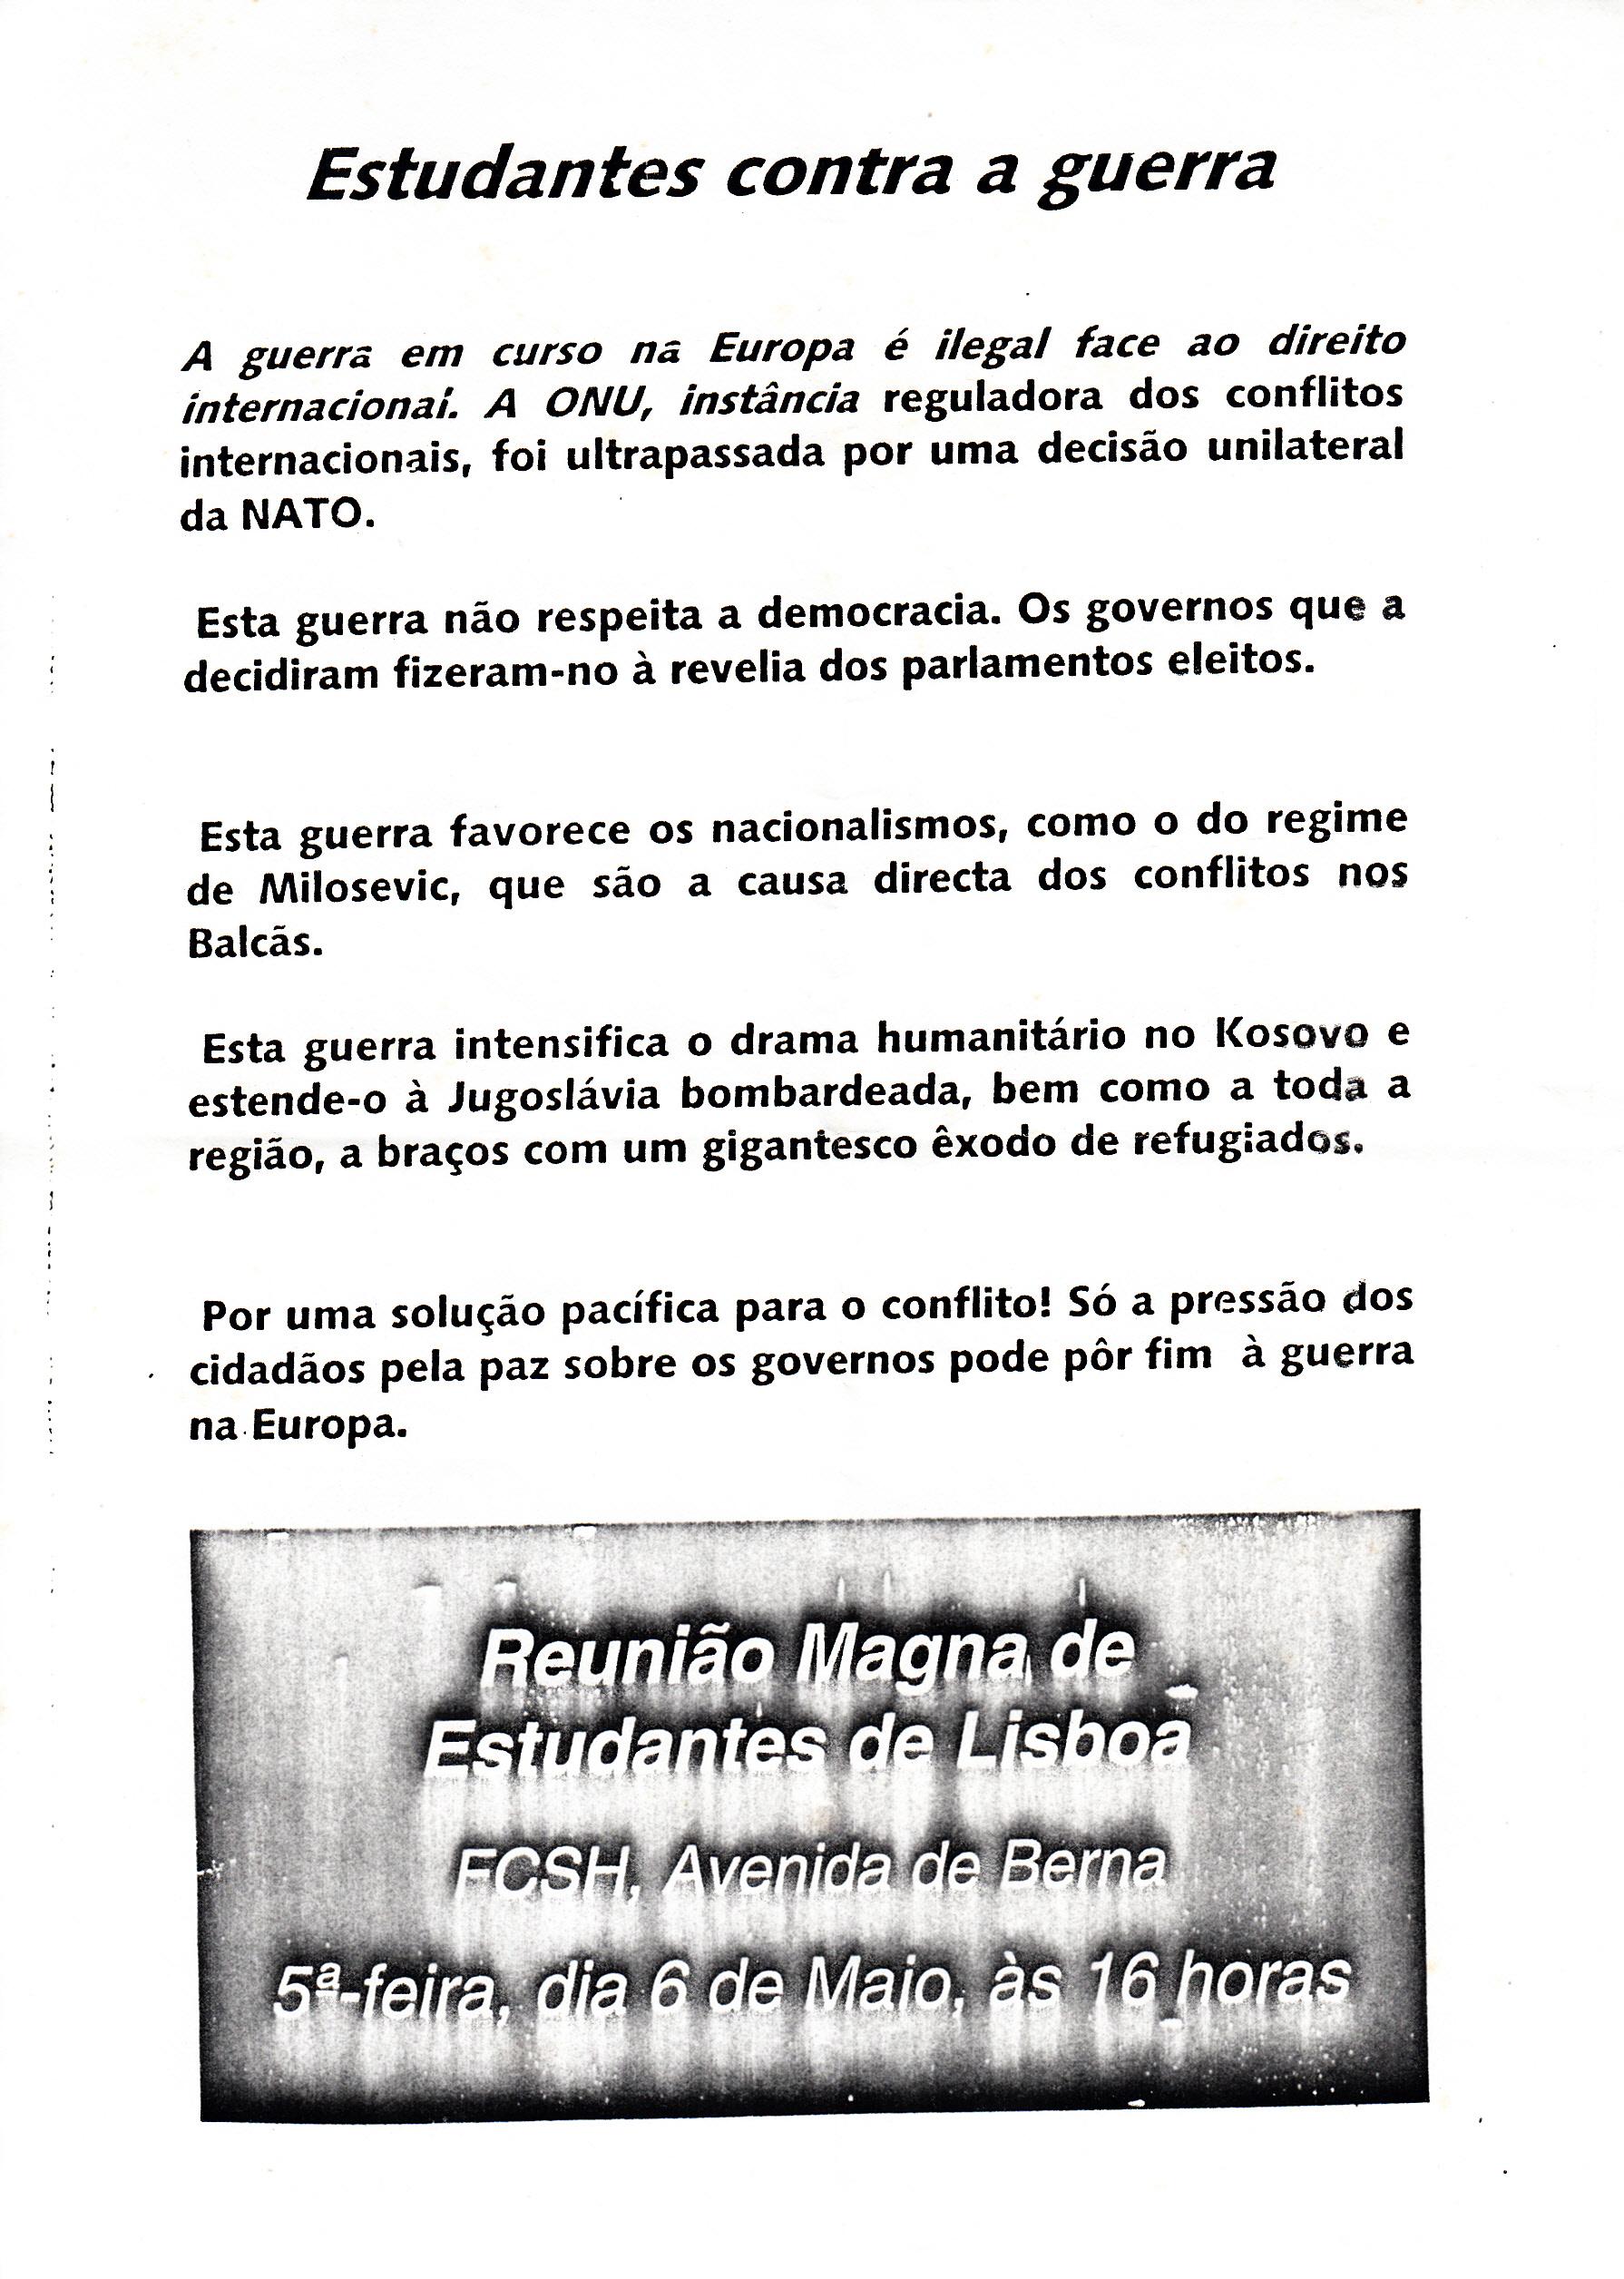 Estudantes_Contra_Guerra_0002